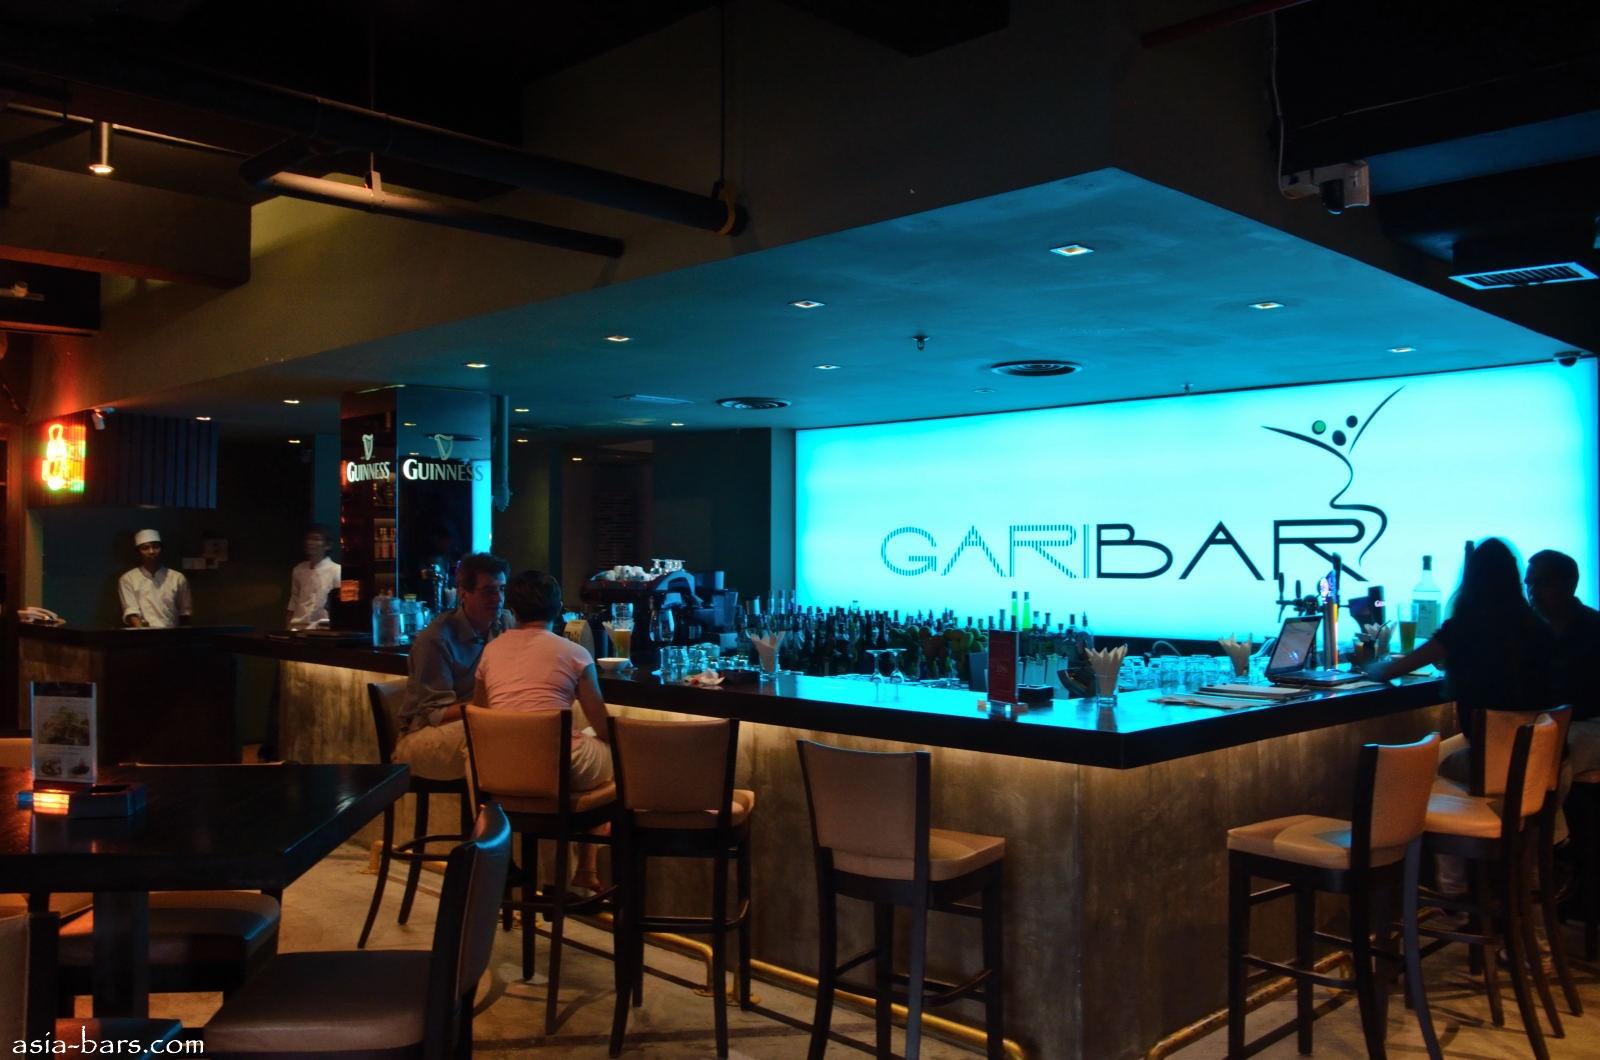 GARIBAR fashionable lounge & bar in Kuala Lumpur adding a buzz to Bangsar nightlife